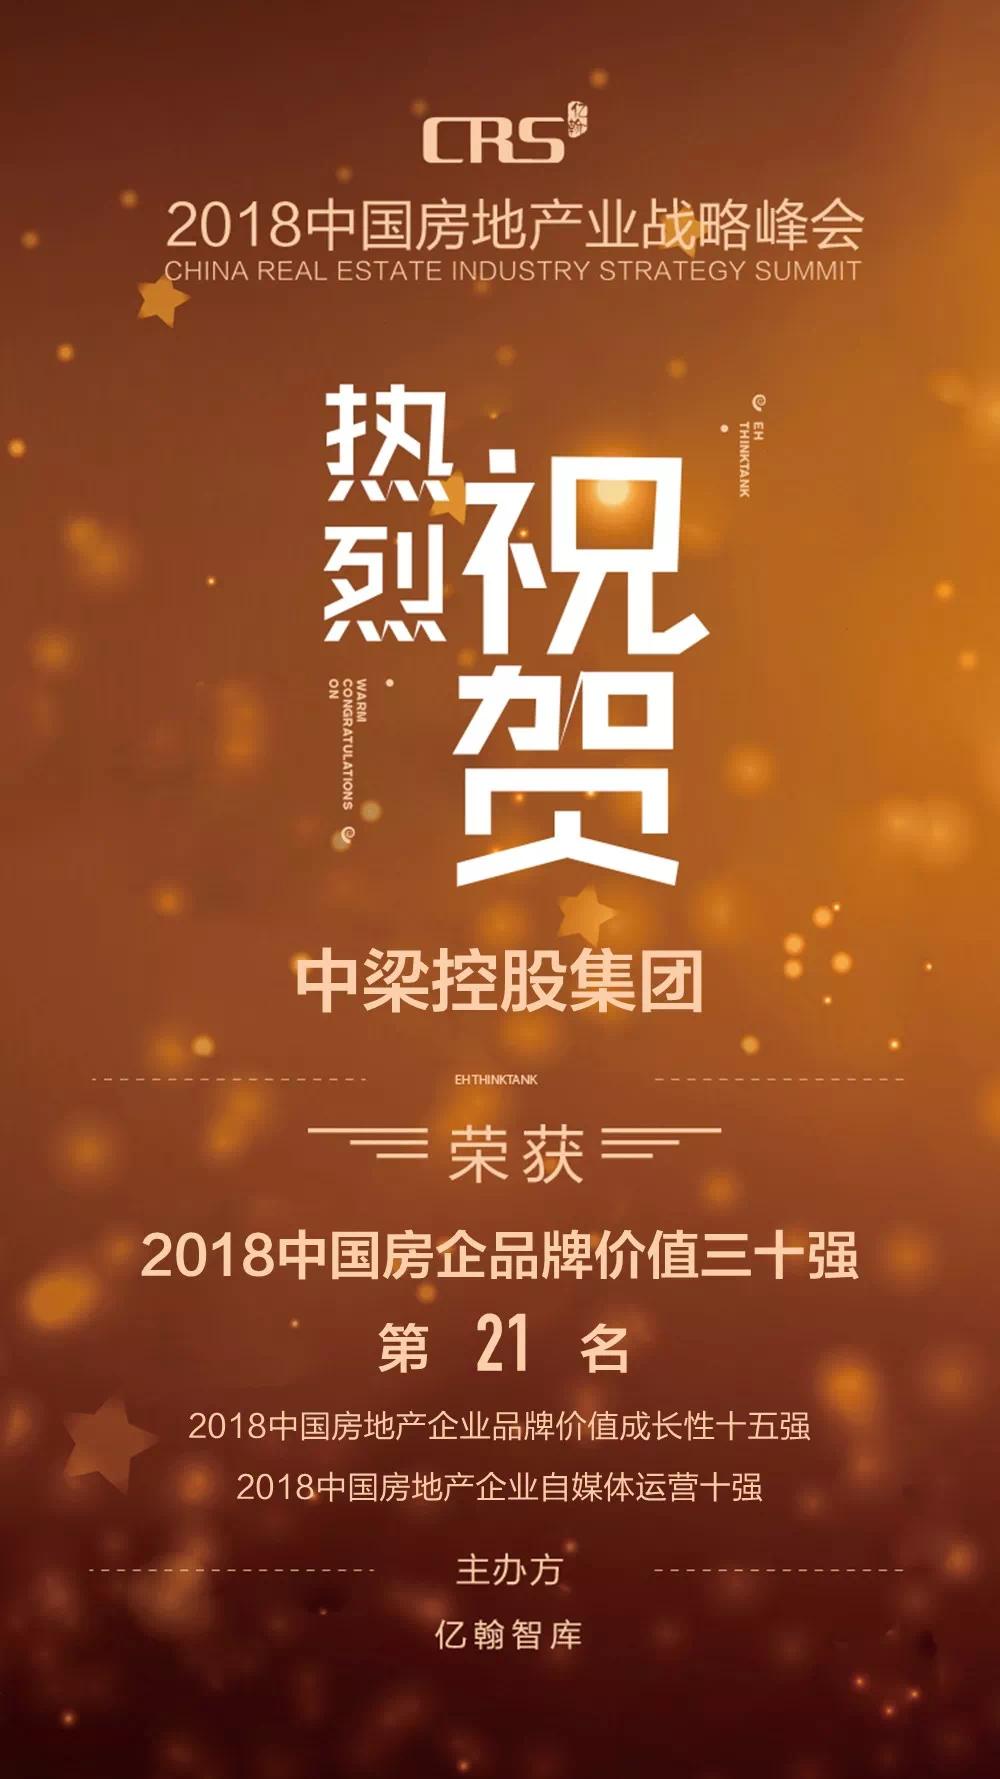 中梁控股集团:聚焦长三角辐射京津冀和珠三角 延伸至一带一路